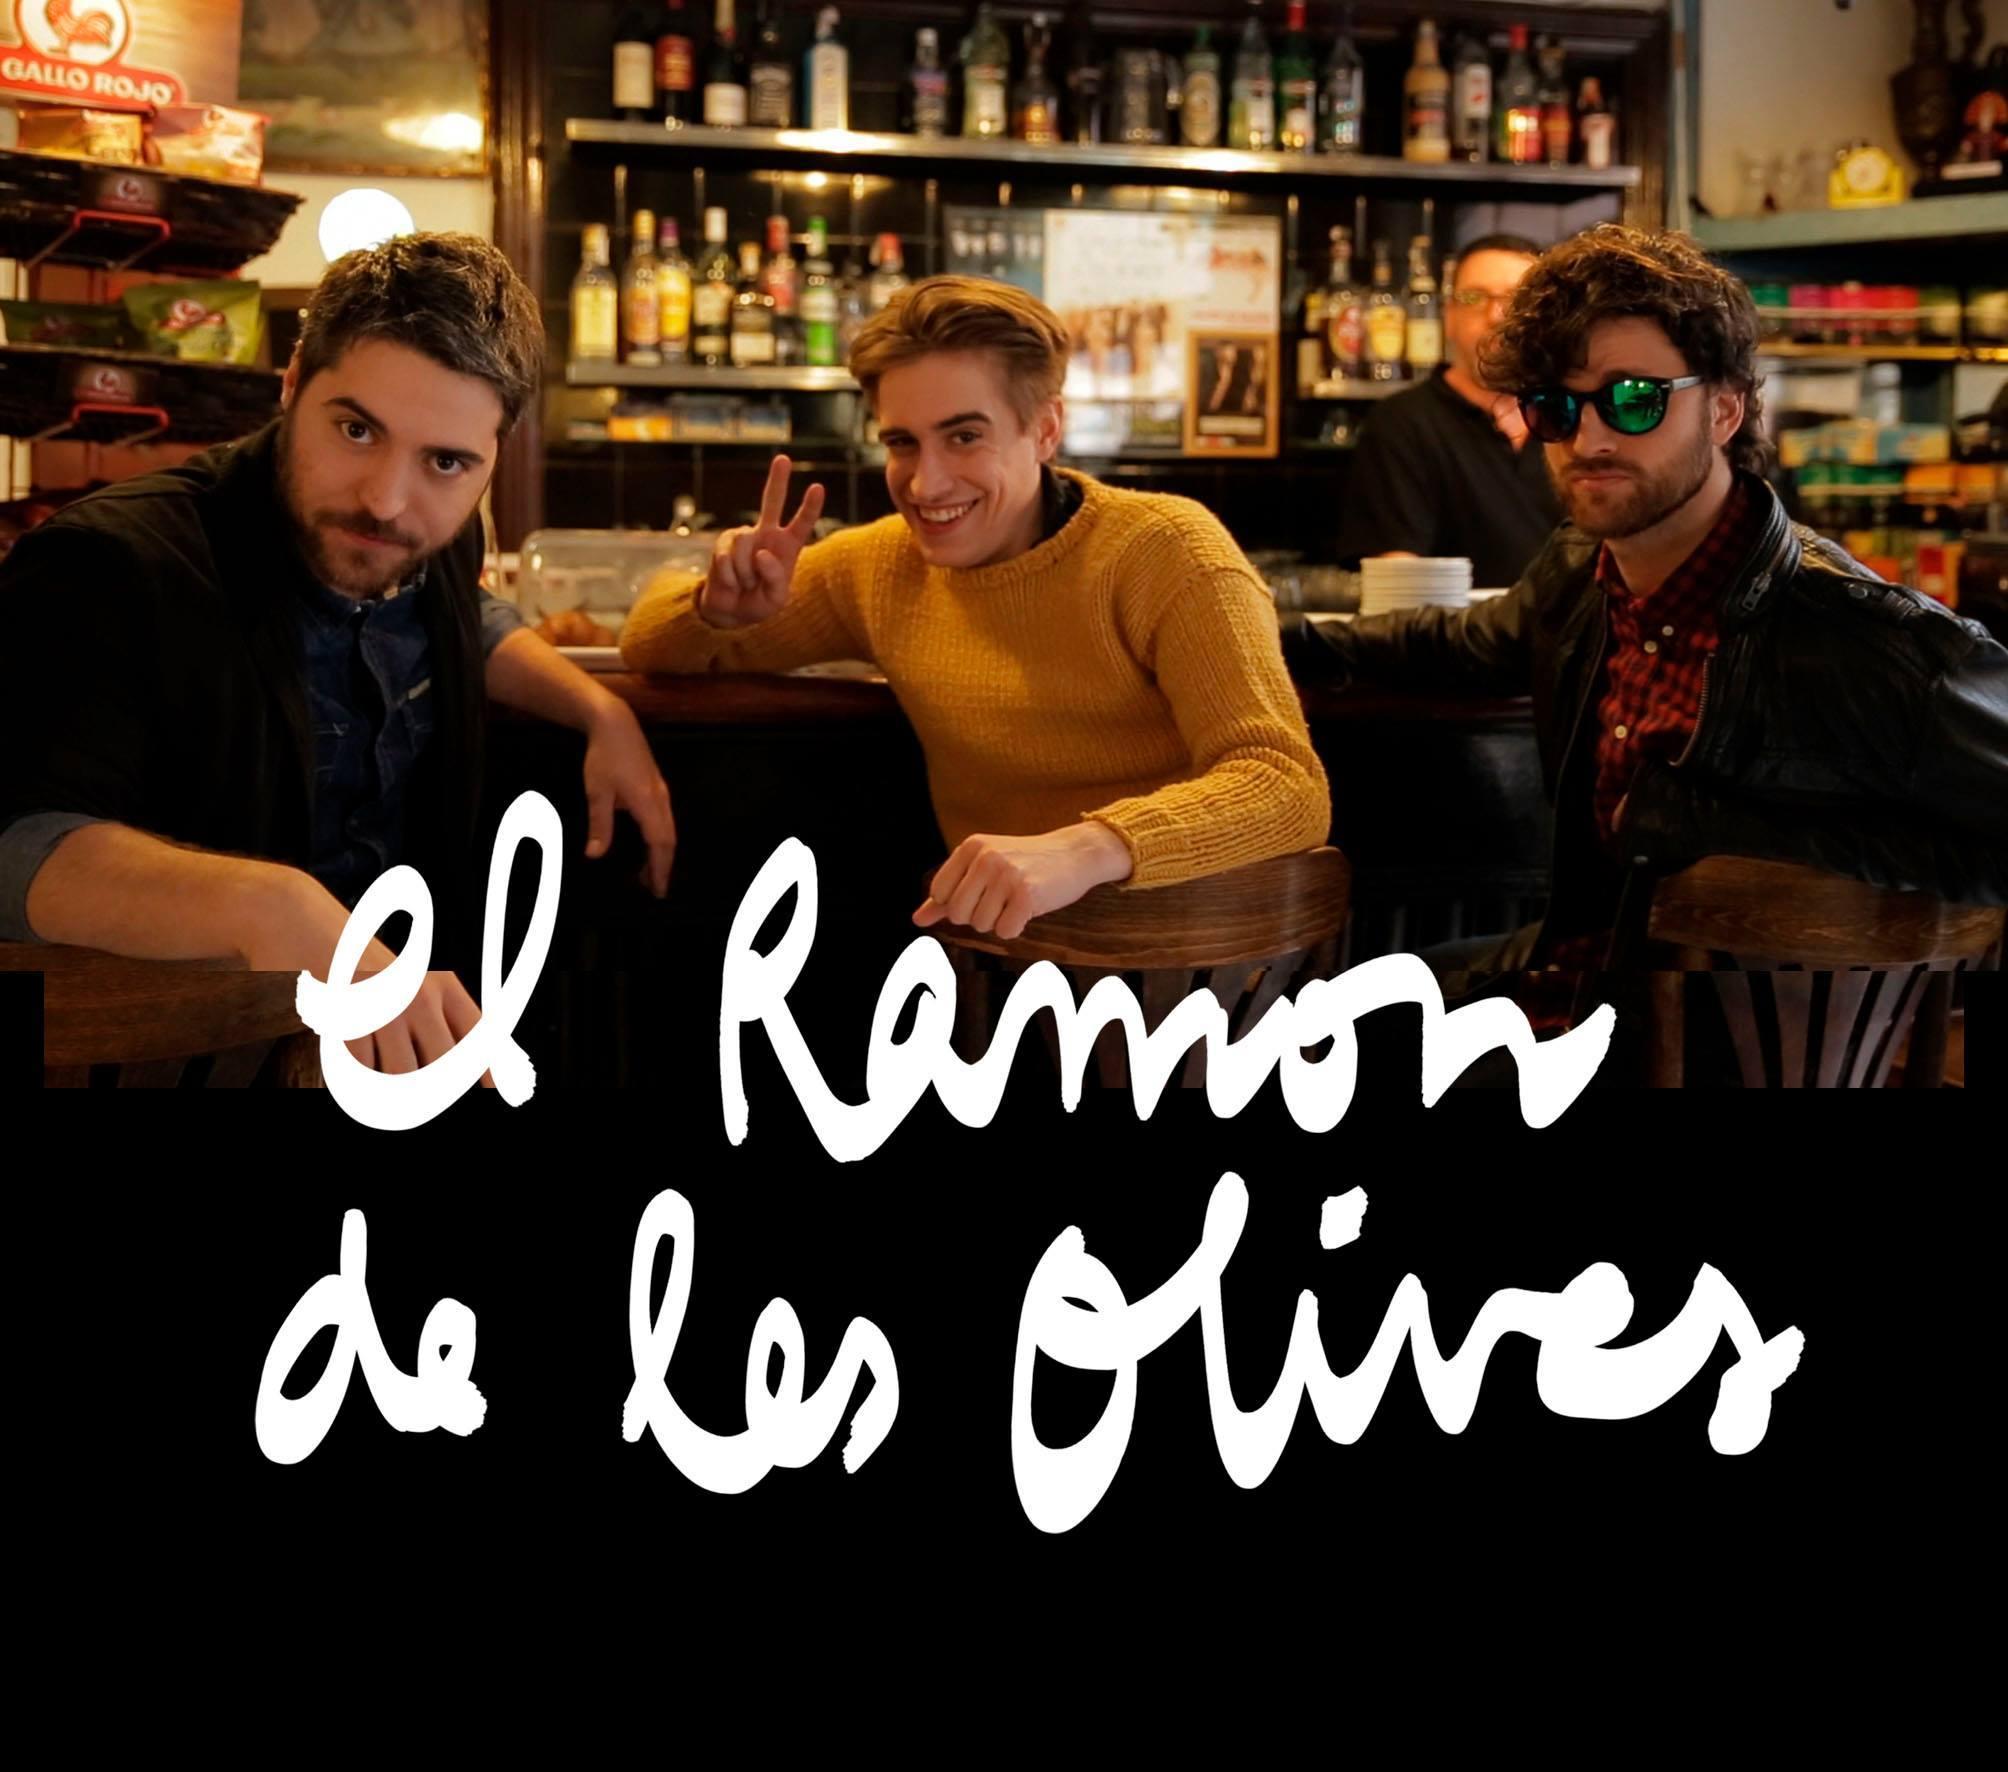 El Ramon de les olives